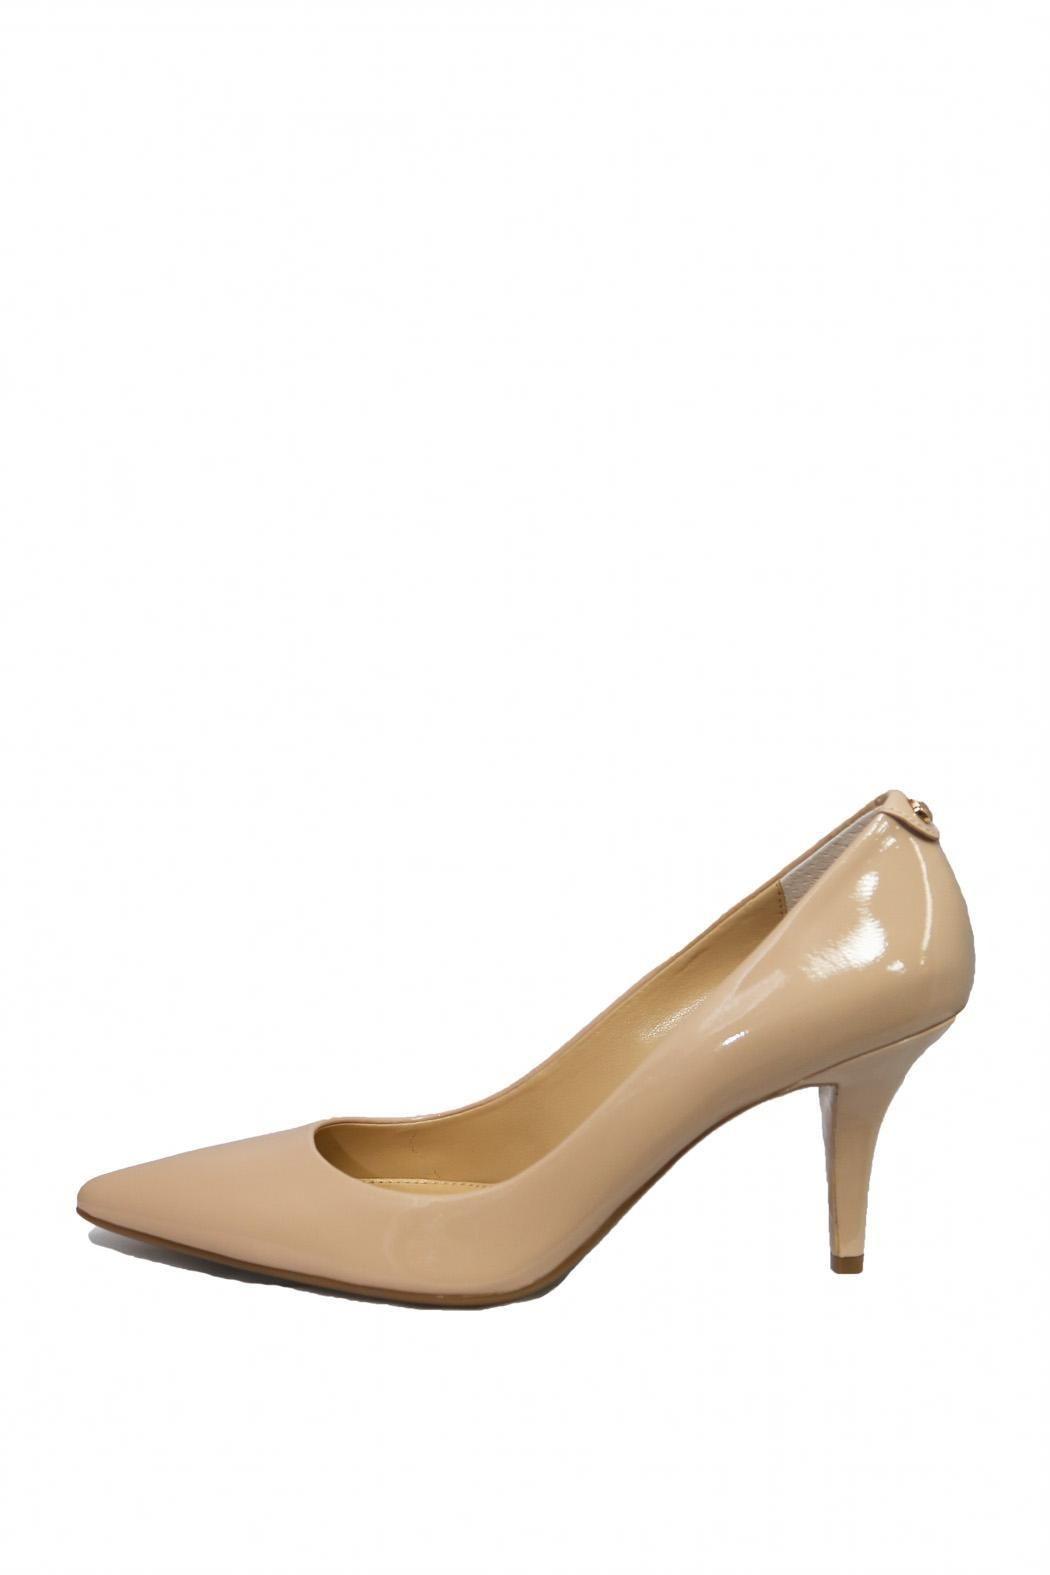 Patent Mid Heel Heels Mid Heel Shoes Heels Pumps